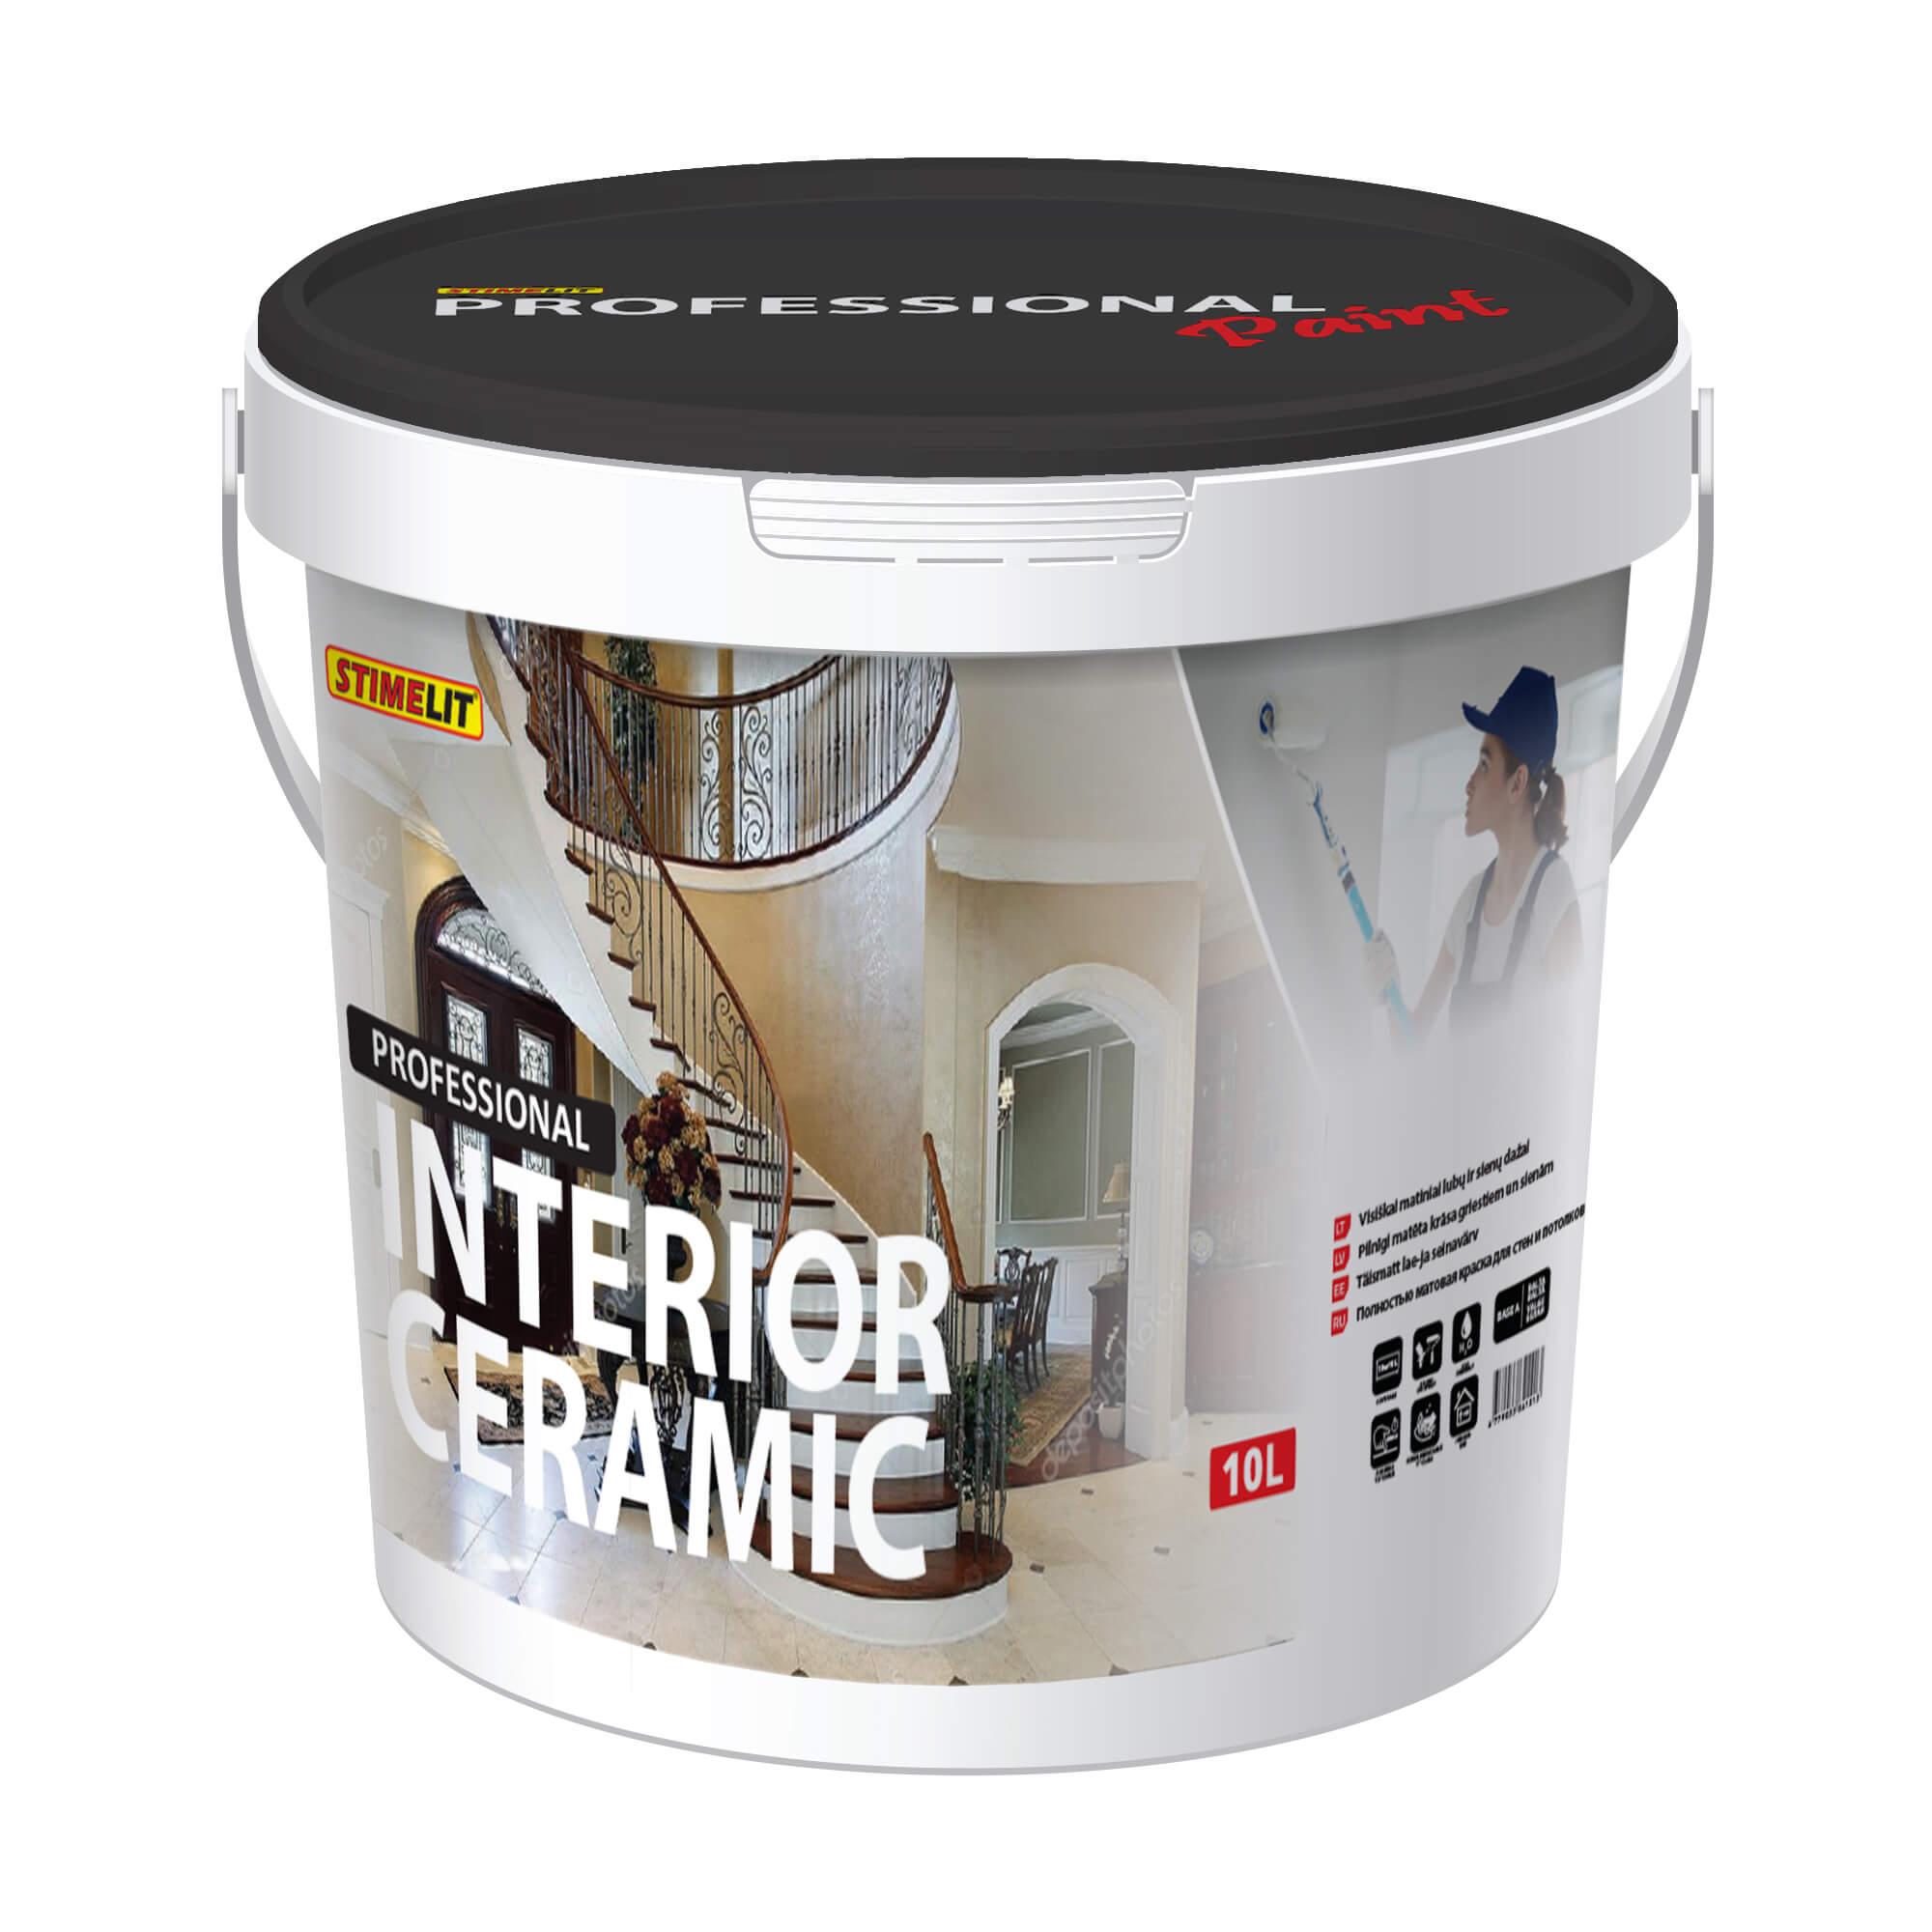 INTERIOR CERAMIC Visiškai matiniai lubų ir sienų dažai